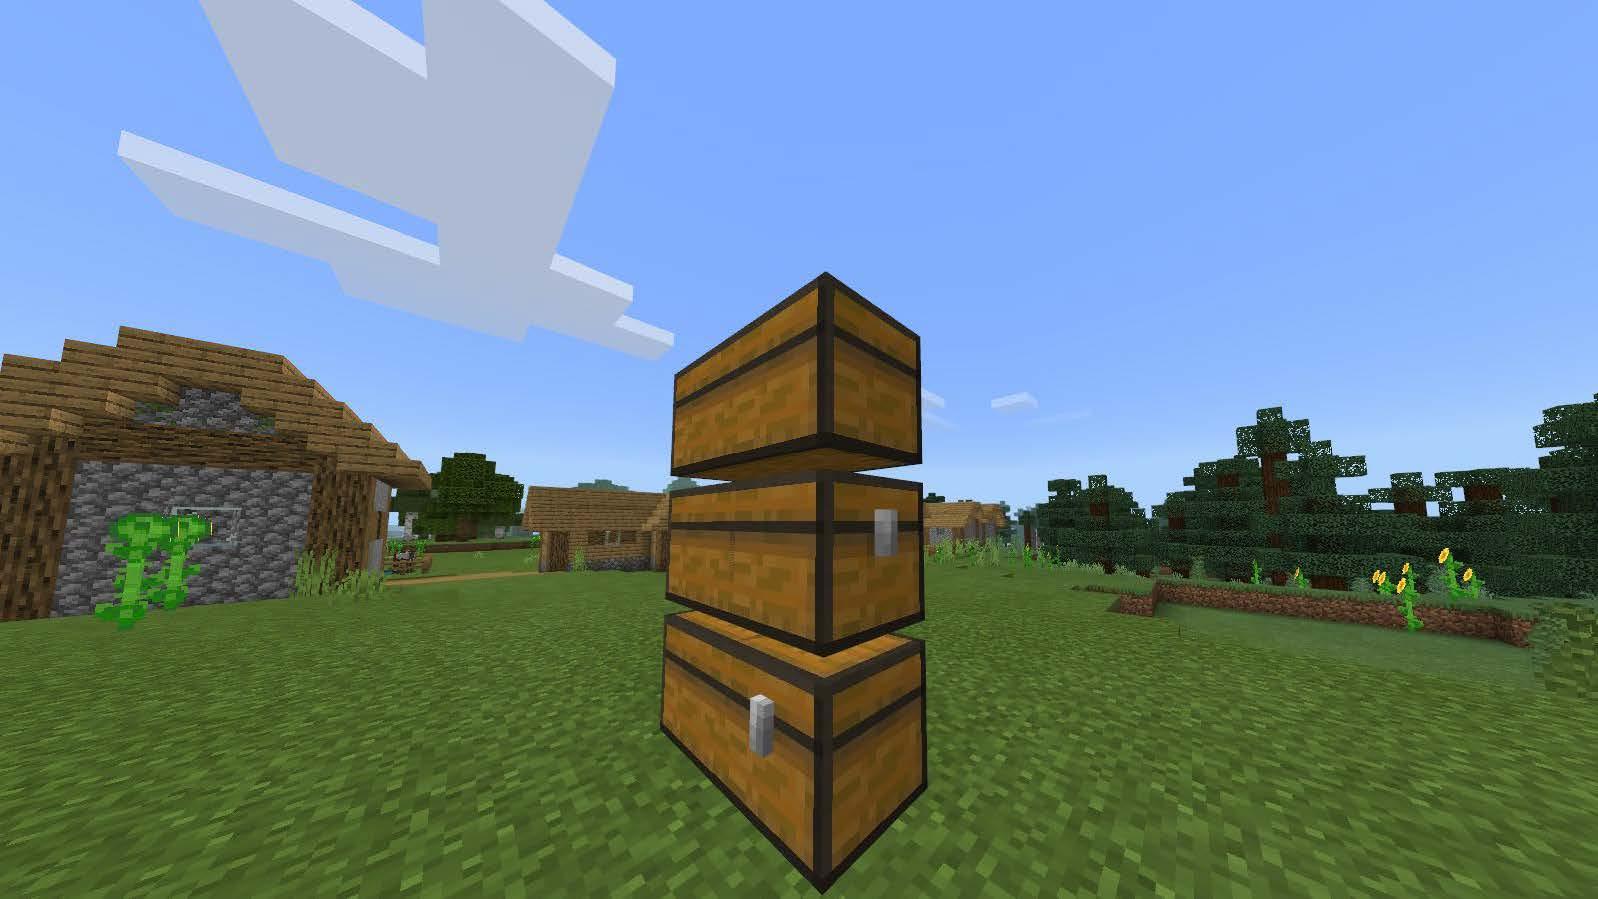 奇怪的箱子_页面_5_图像_0001.jpg